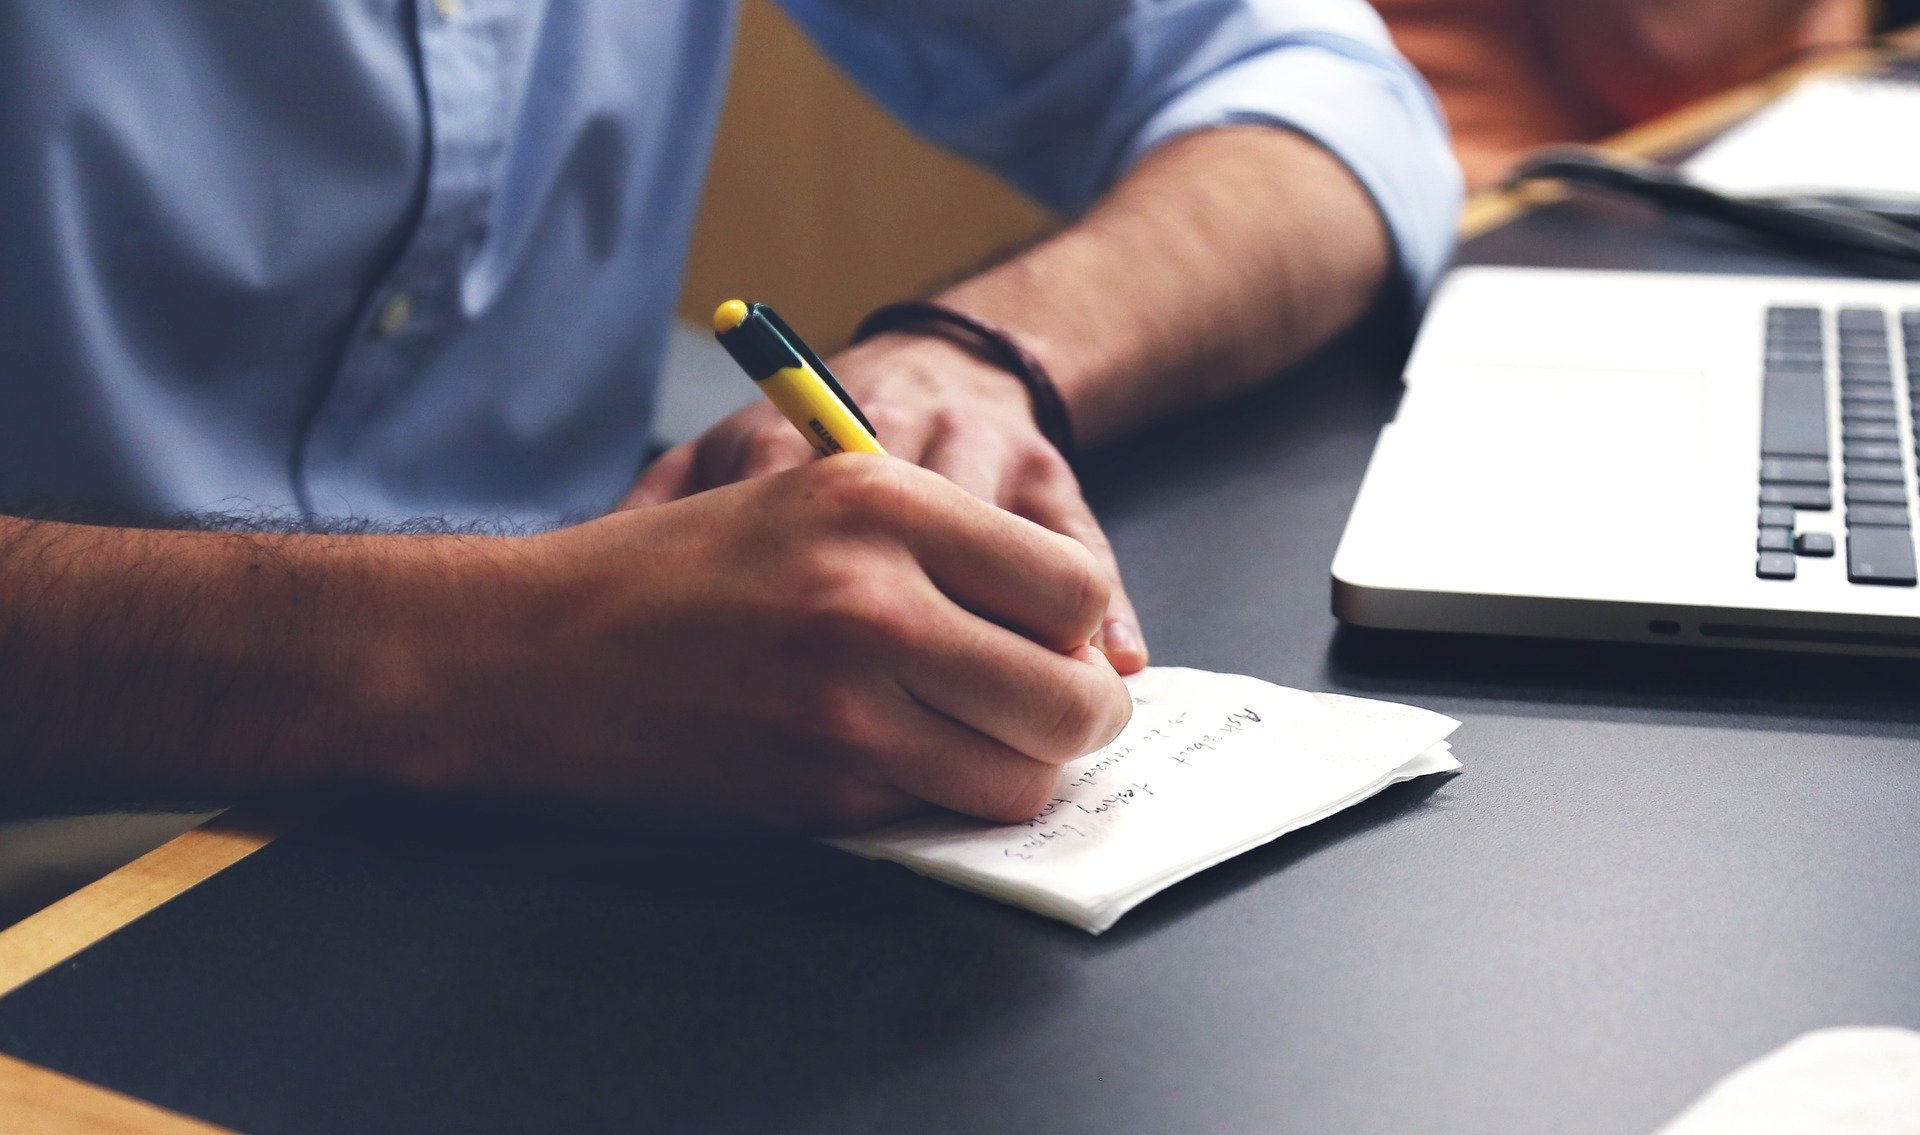 10 consigli per uno smart working più efficace e produttivo